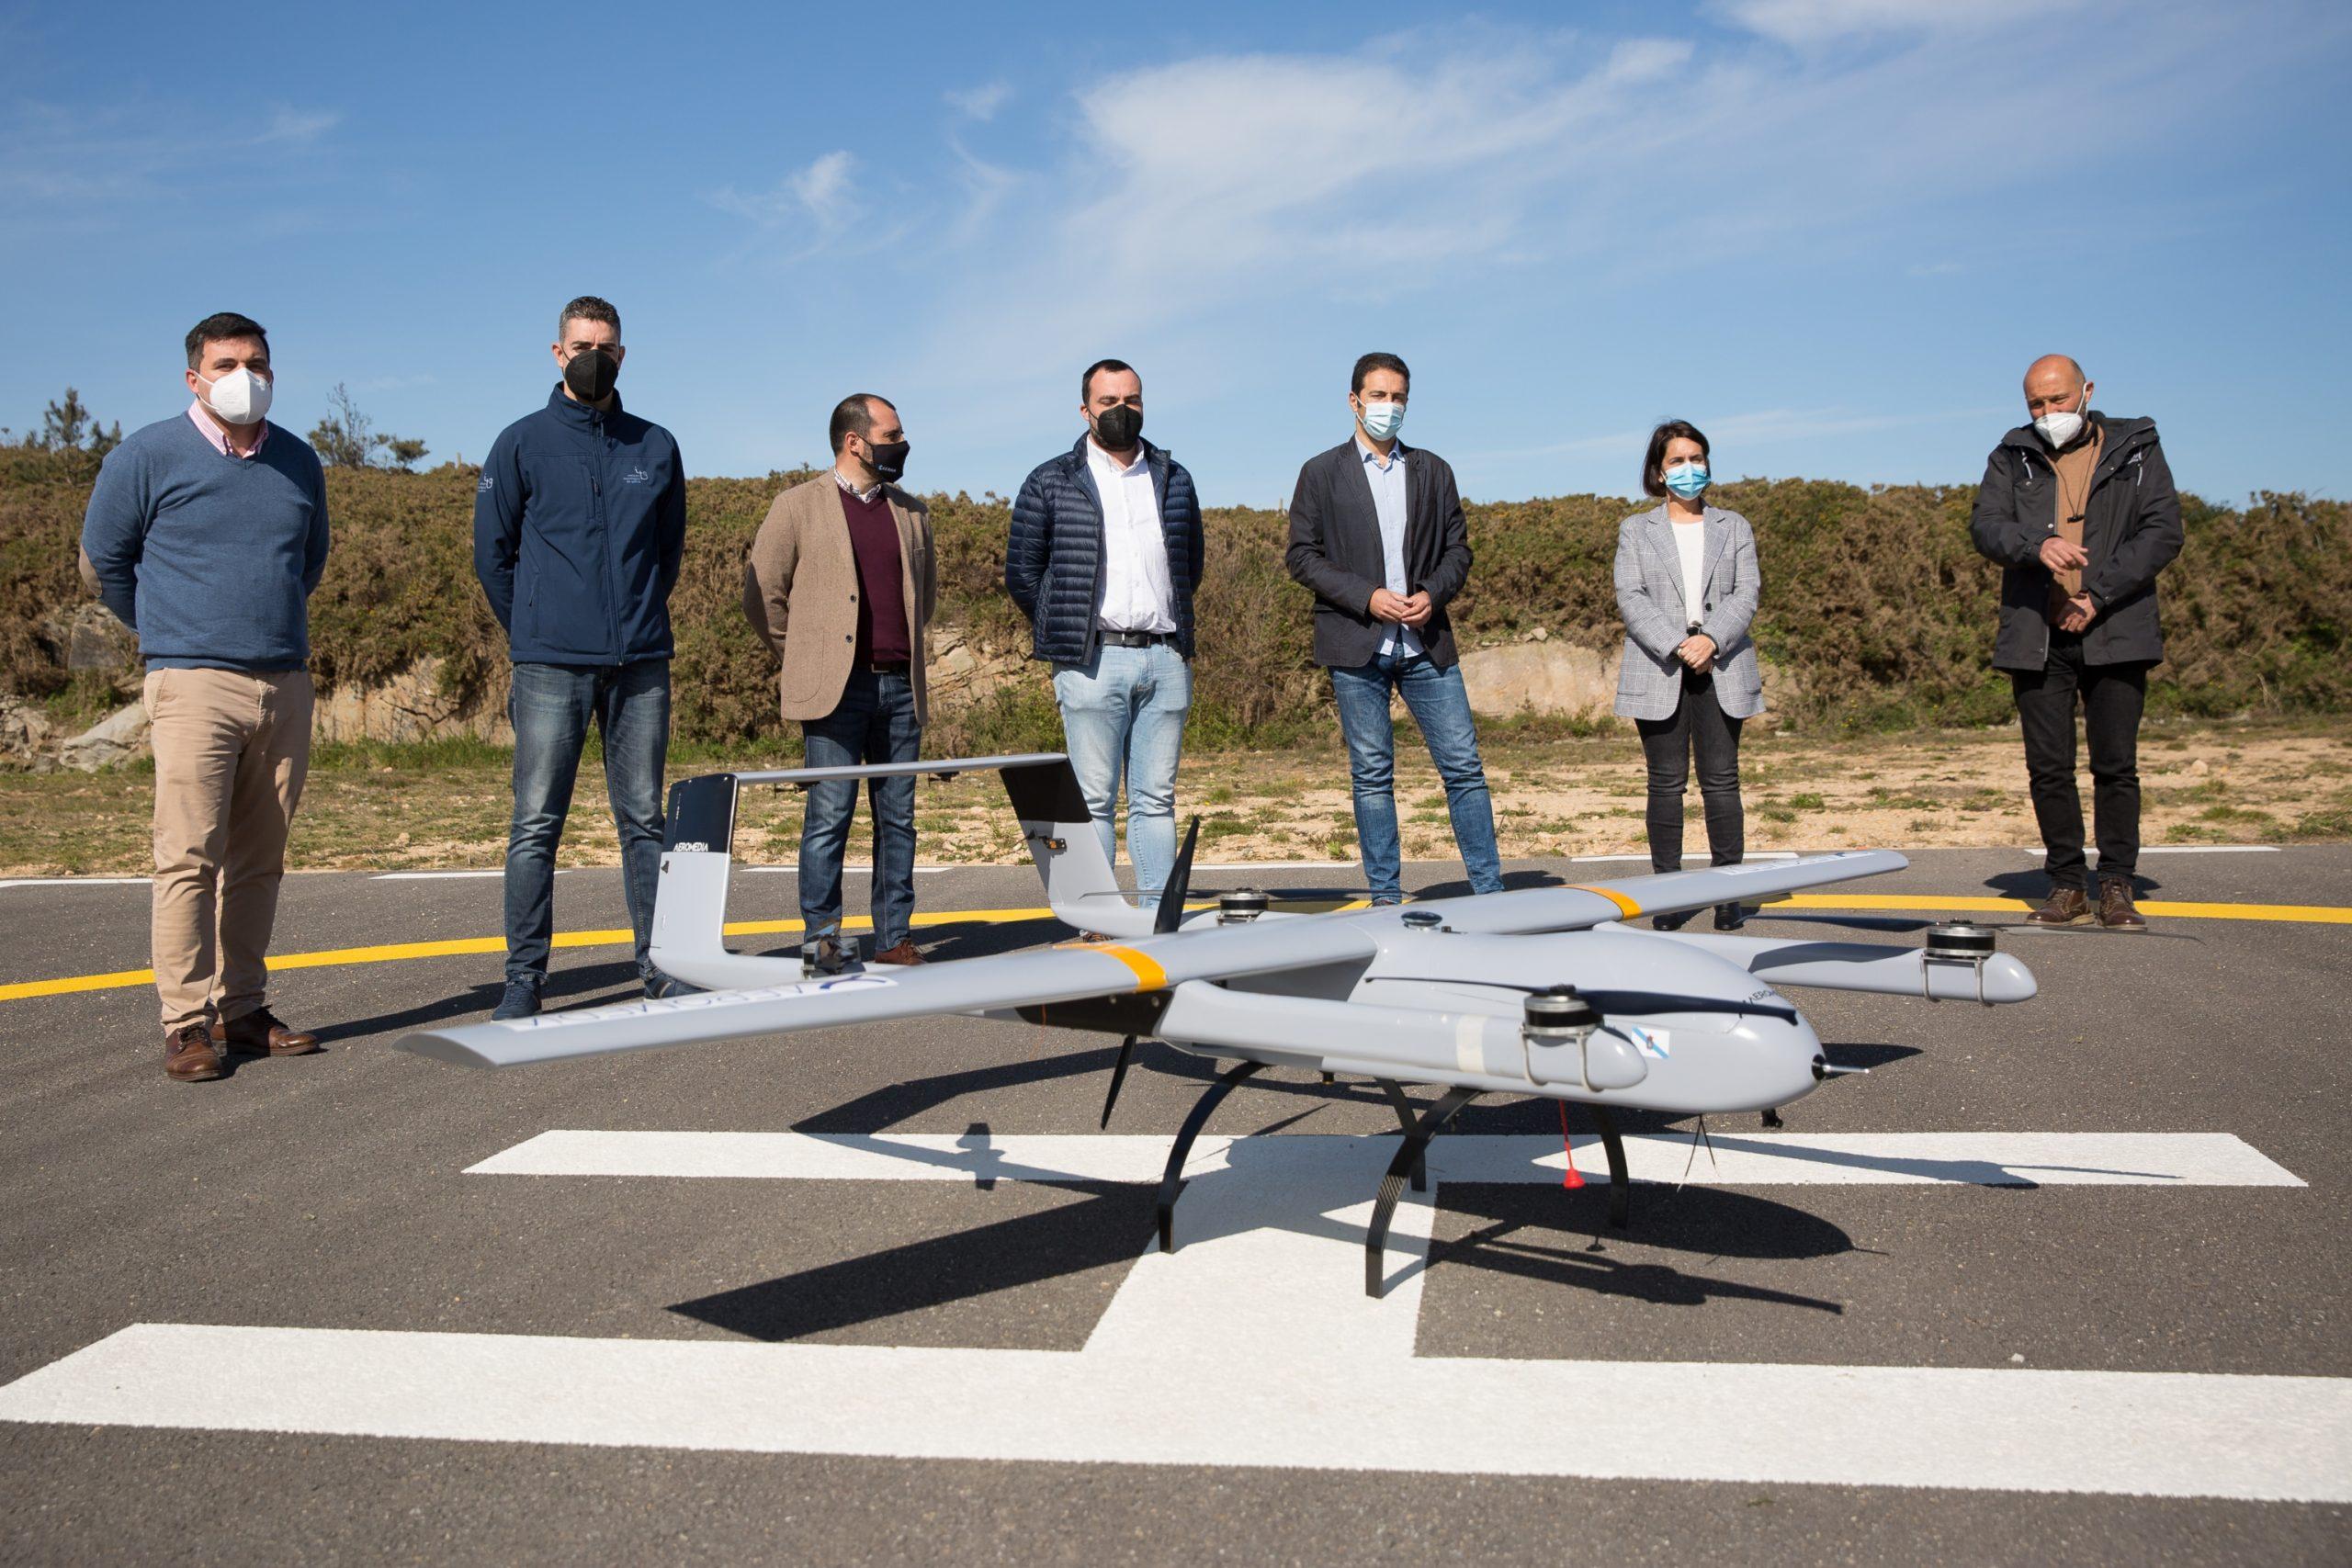 Presentada en Cervo unha innovadora solución para a xestión forestal con drones